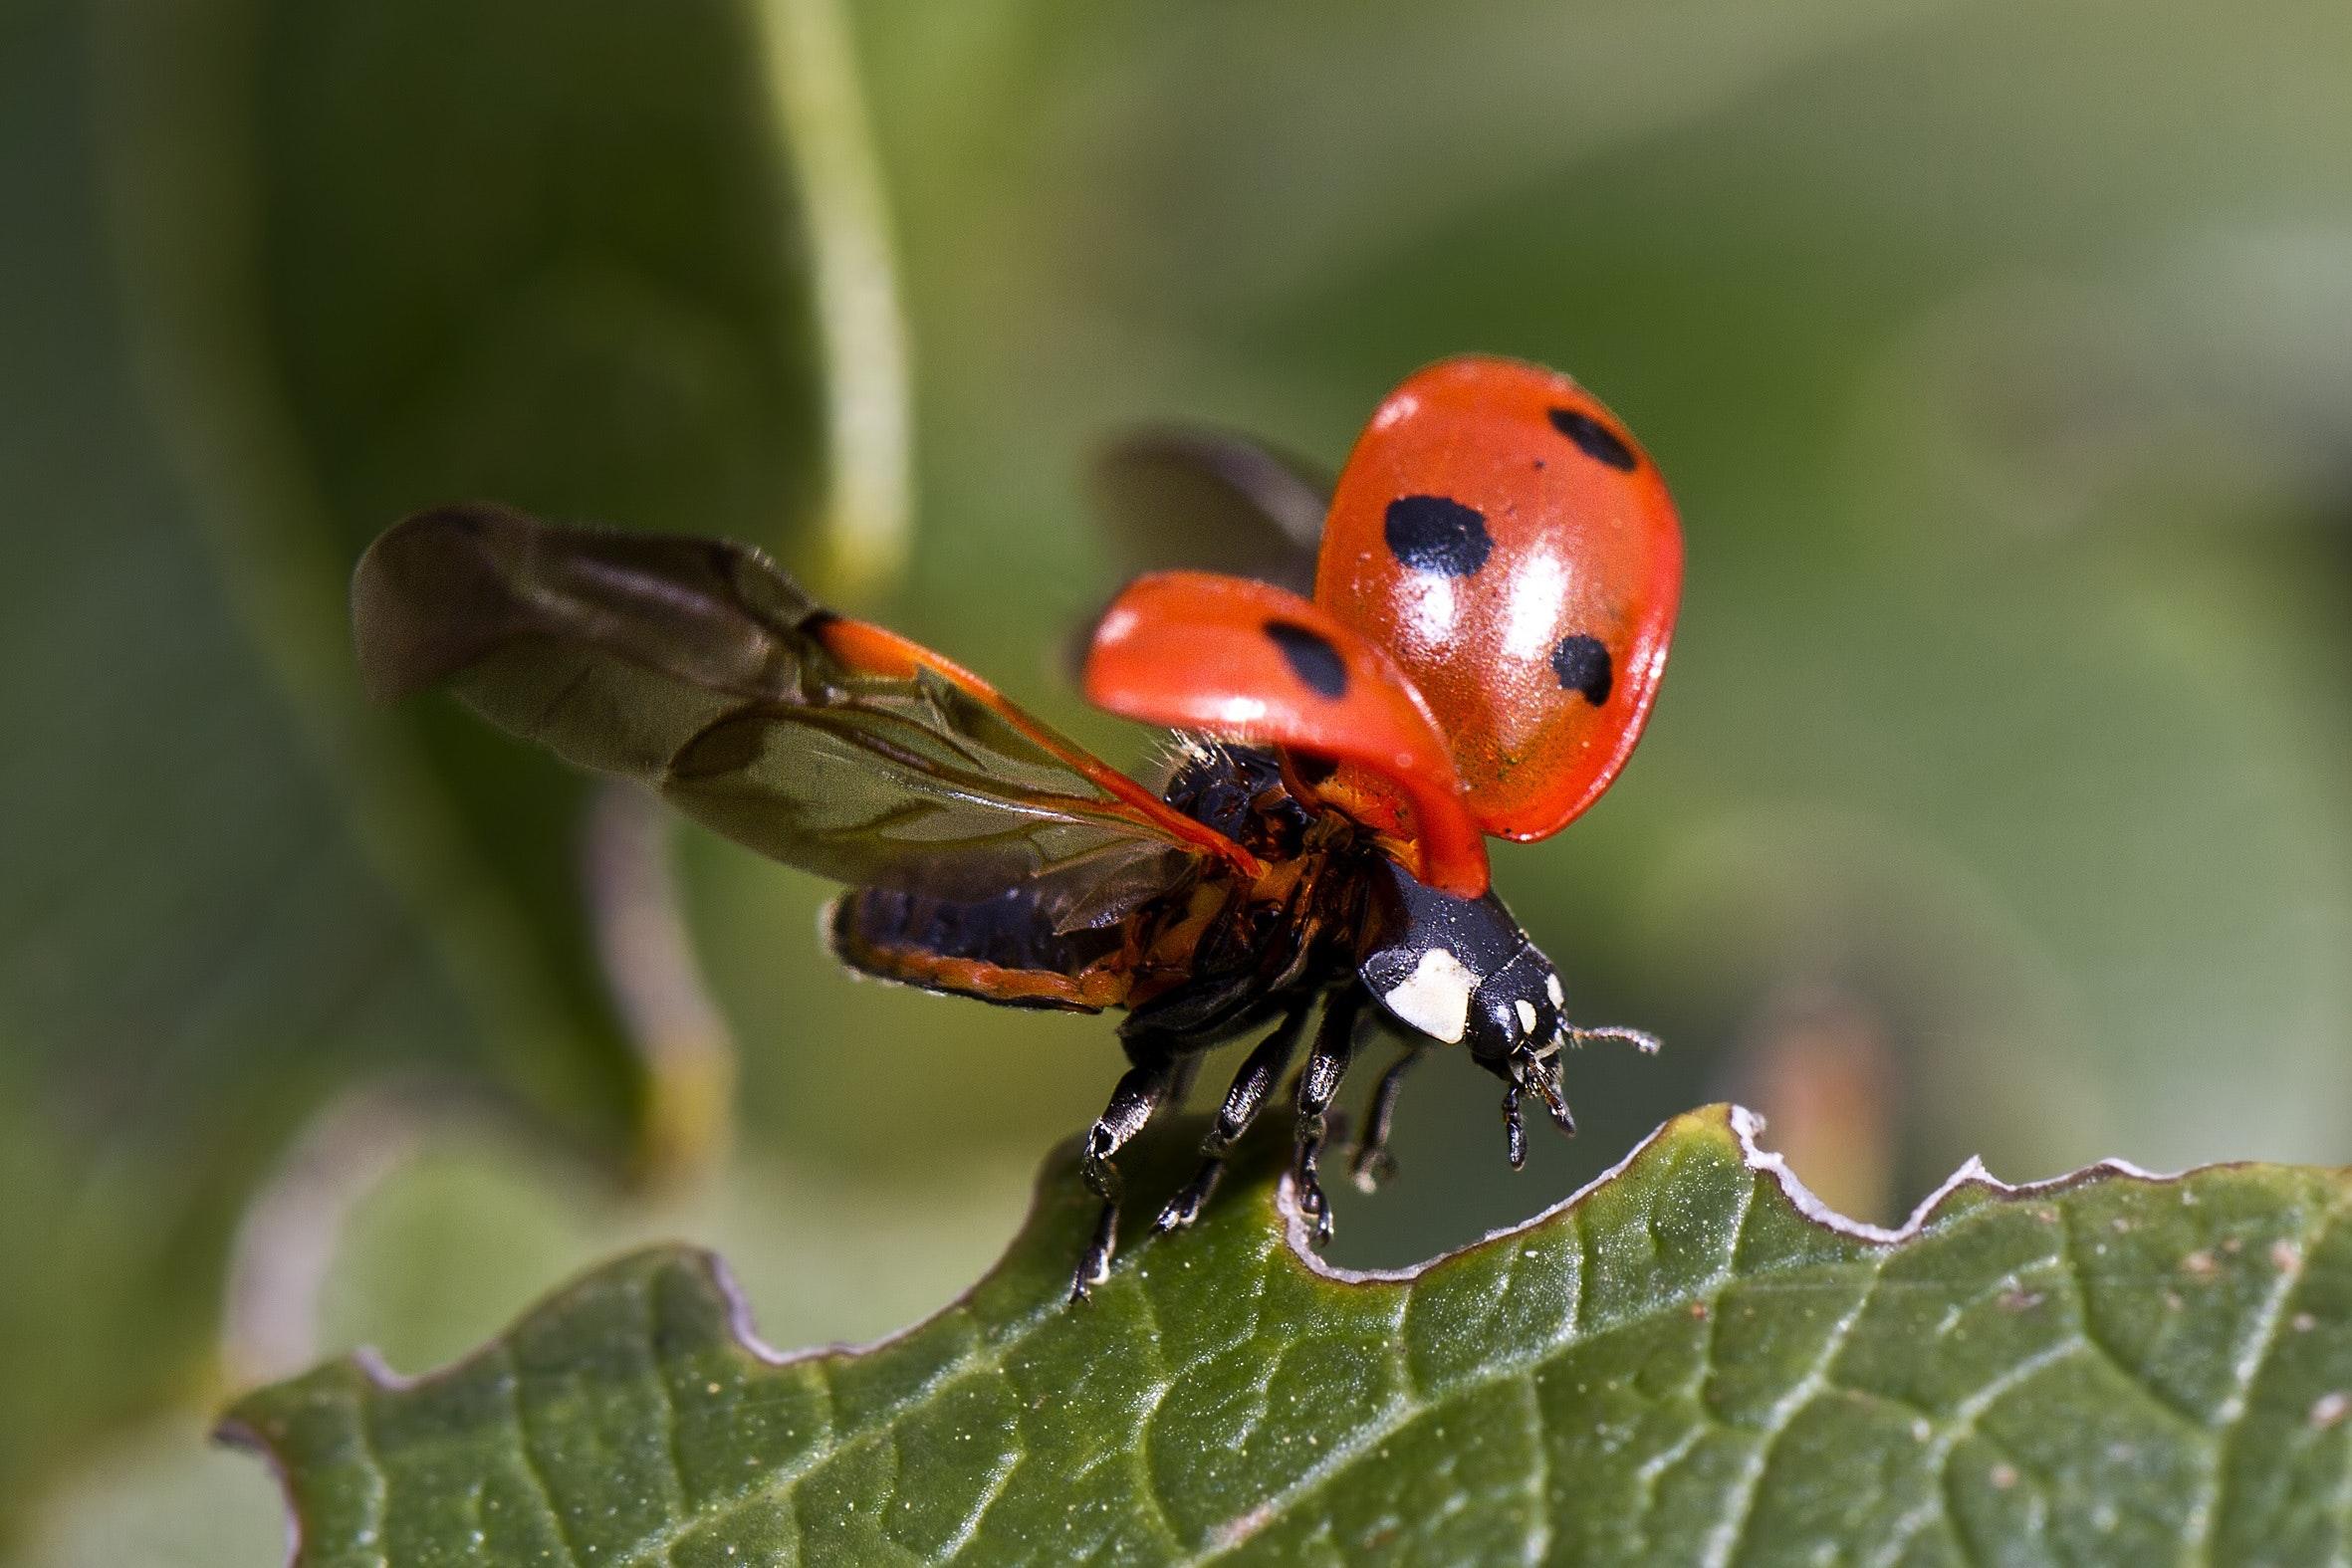 beetle-insect-ladybird-36485